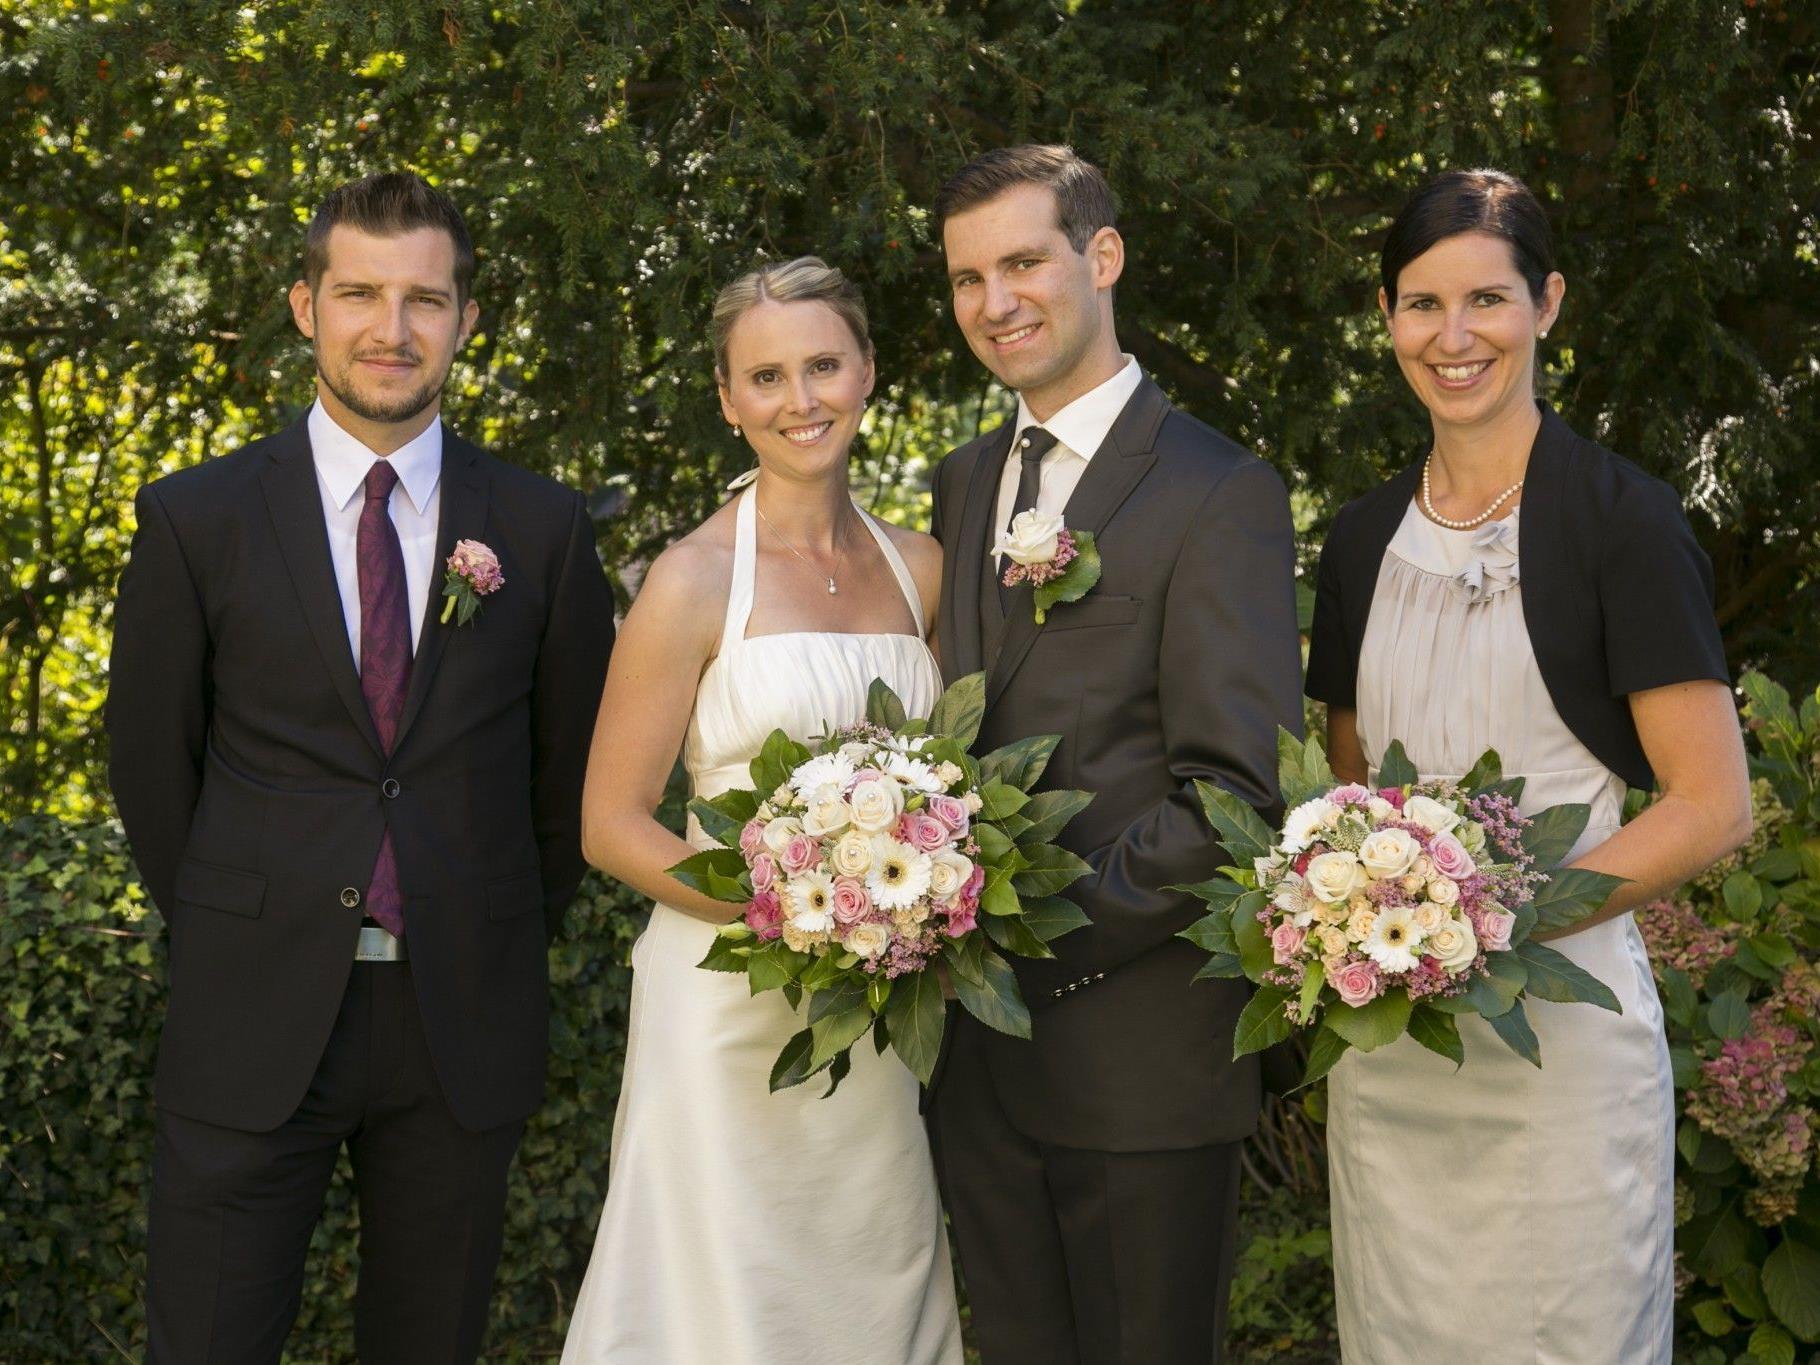 Marion Traunig und Jürgen Handle haben geheiratet.